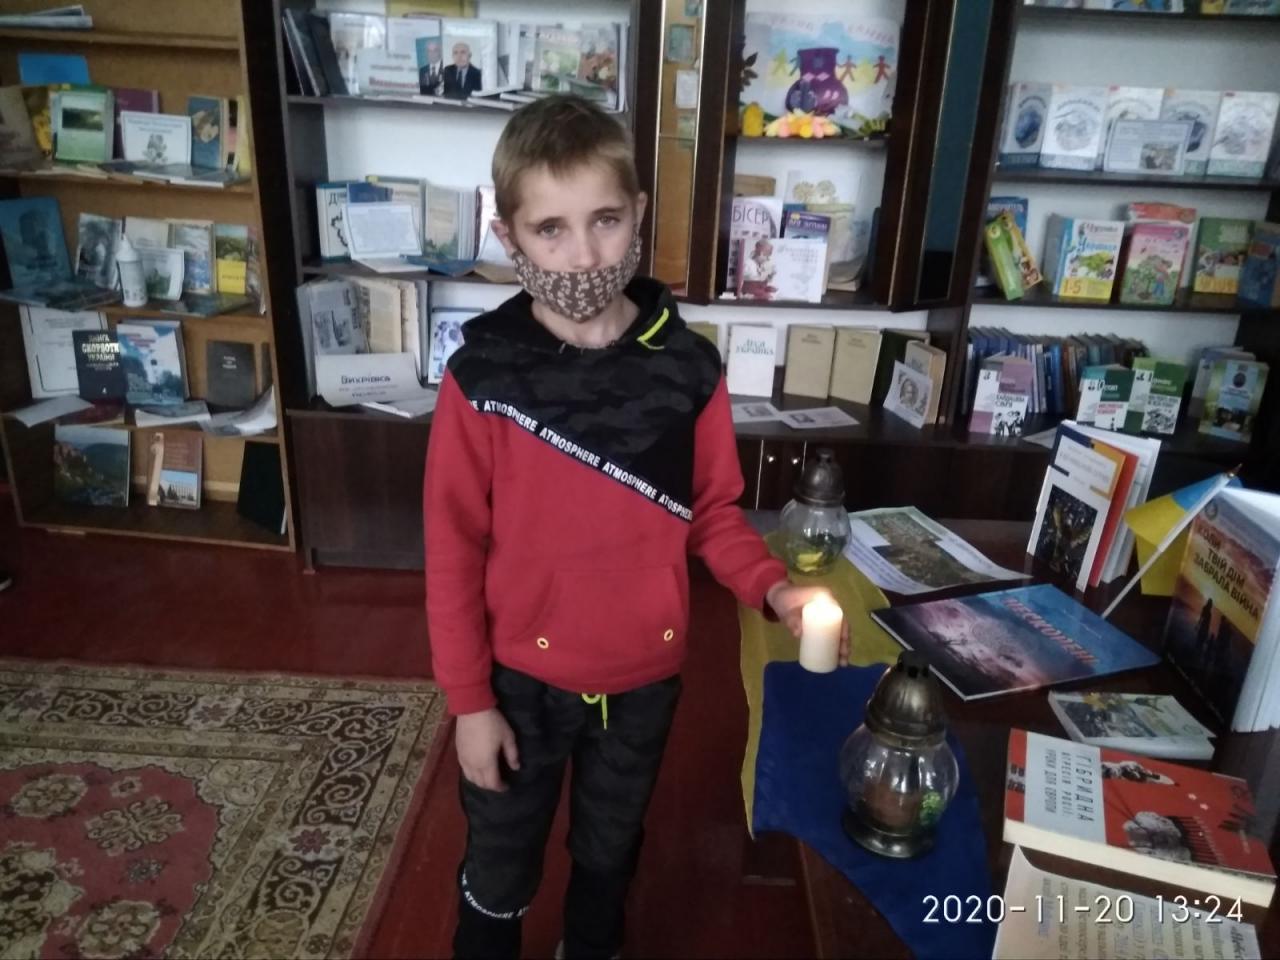 http://dunrada.gov.ua/uploadfile/archive_news/2020/11/21/2020-11-21_5485/images/images-65393.jpg